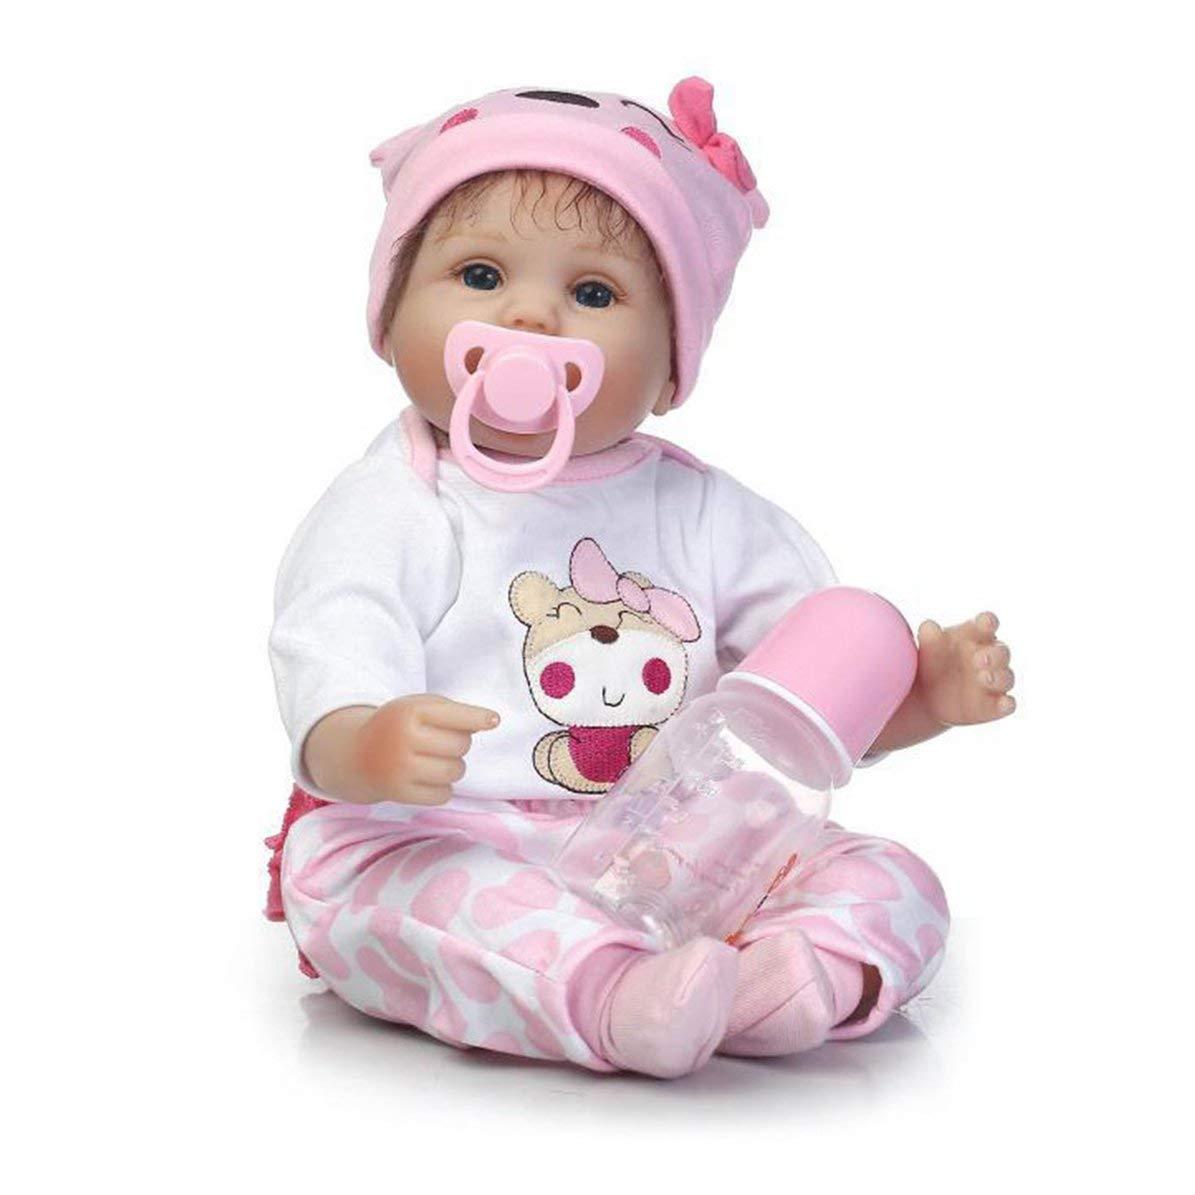 entrega rápida Simulación Simulación Simulación Bebé Muñeca Renacida Juguete Completo Silicona Realista Crianza De Los Niños Juguete  40% de descuento